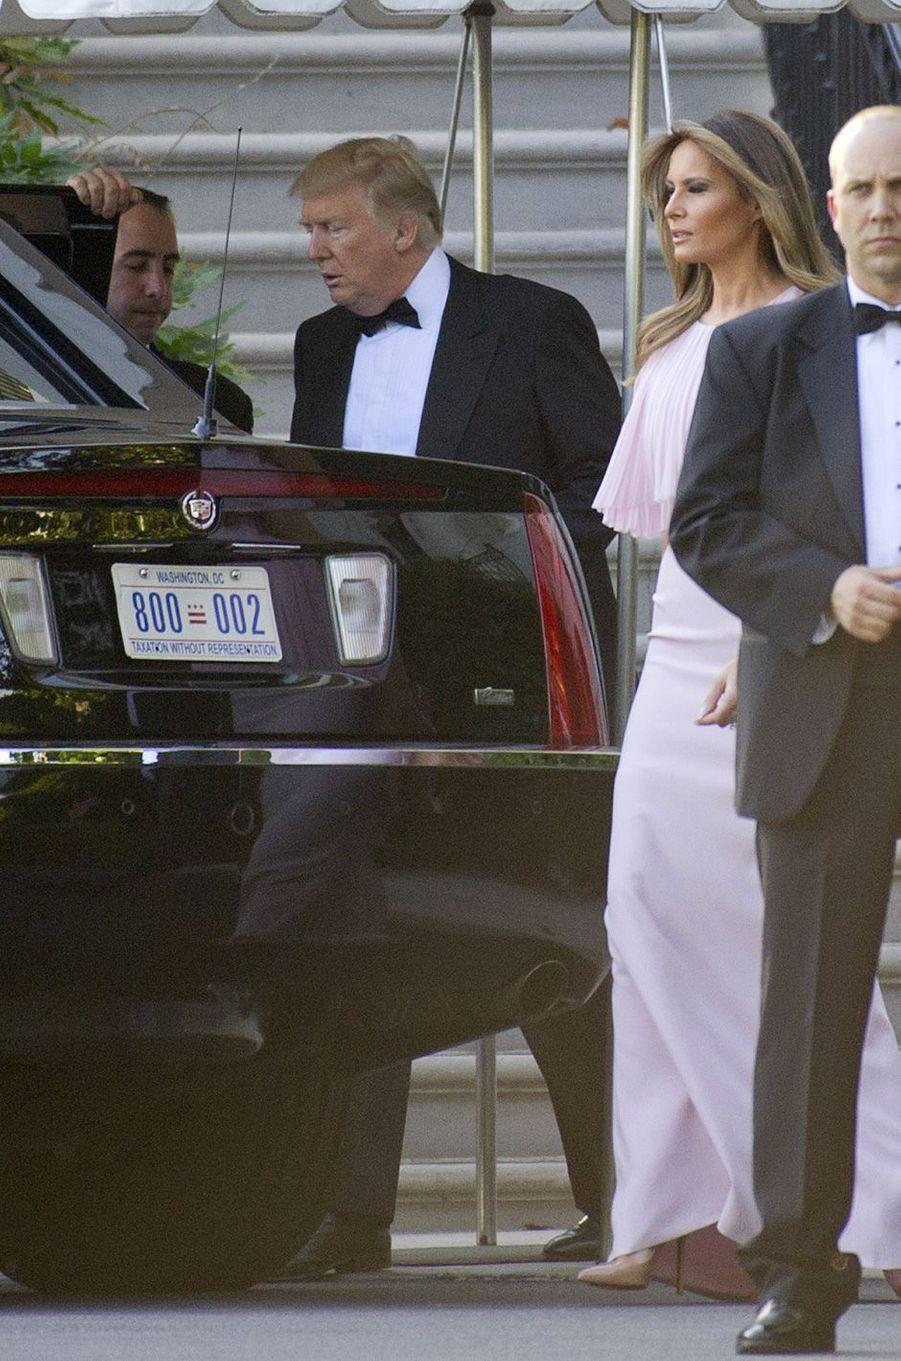 Donald et Melania Trump quittant la Maison Blanche, le 24 juin 2017.